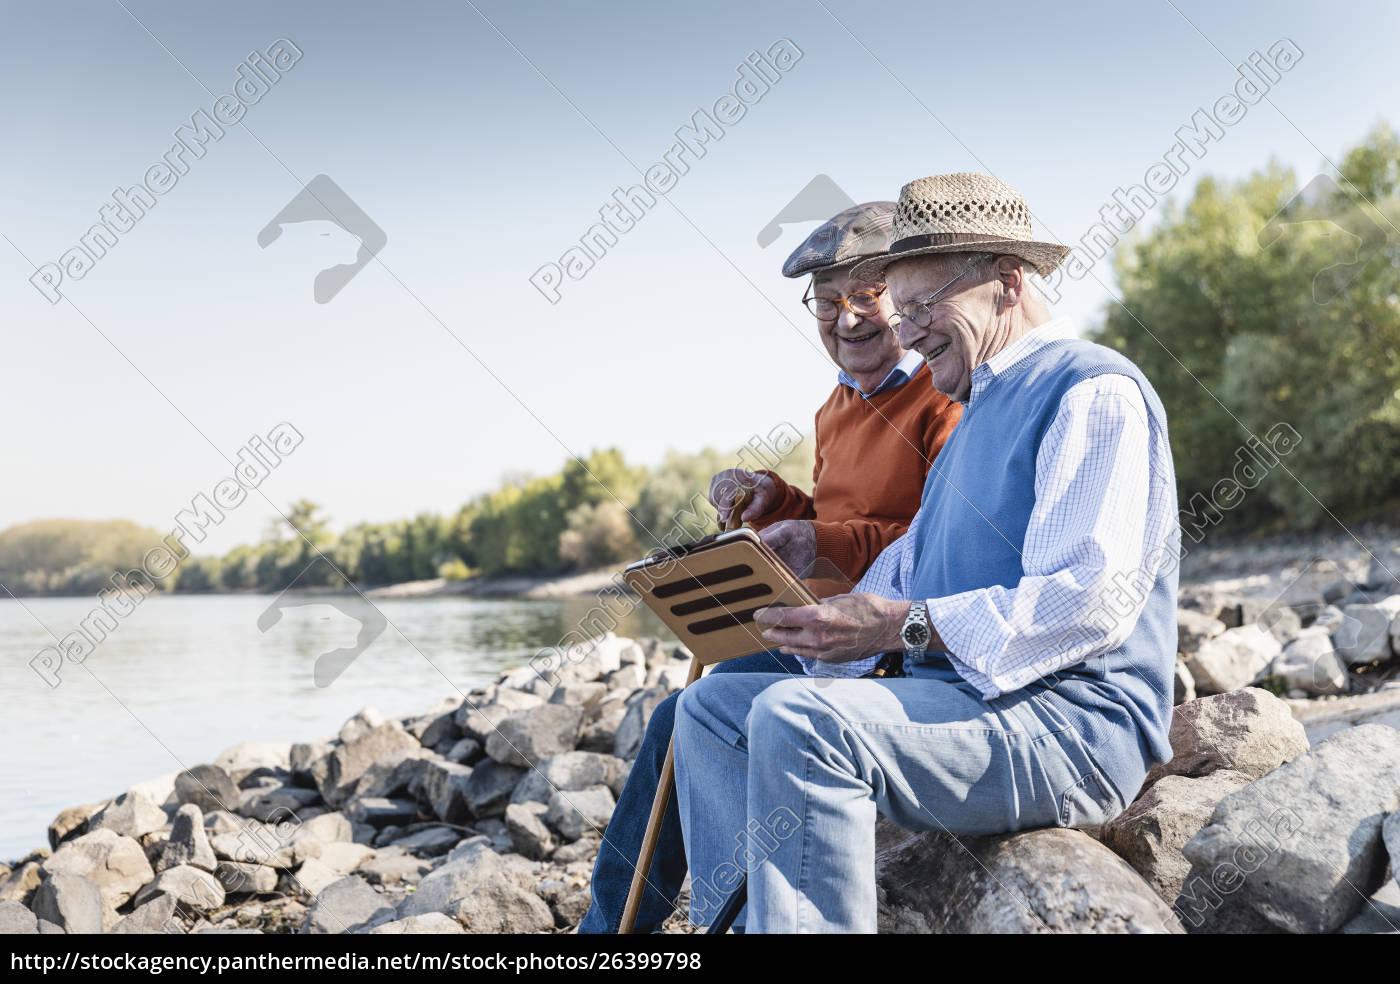 zwei, alte, freunde, sitzen, am, flussufer, mit - 26399798